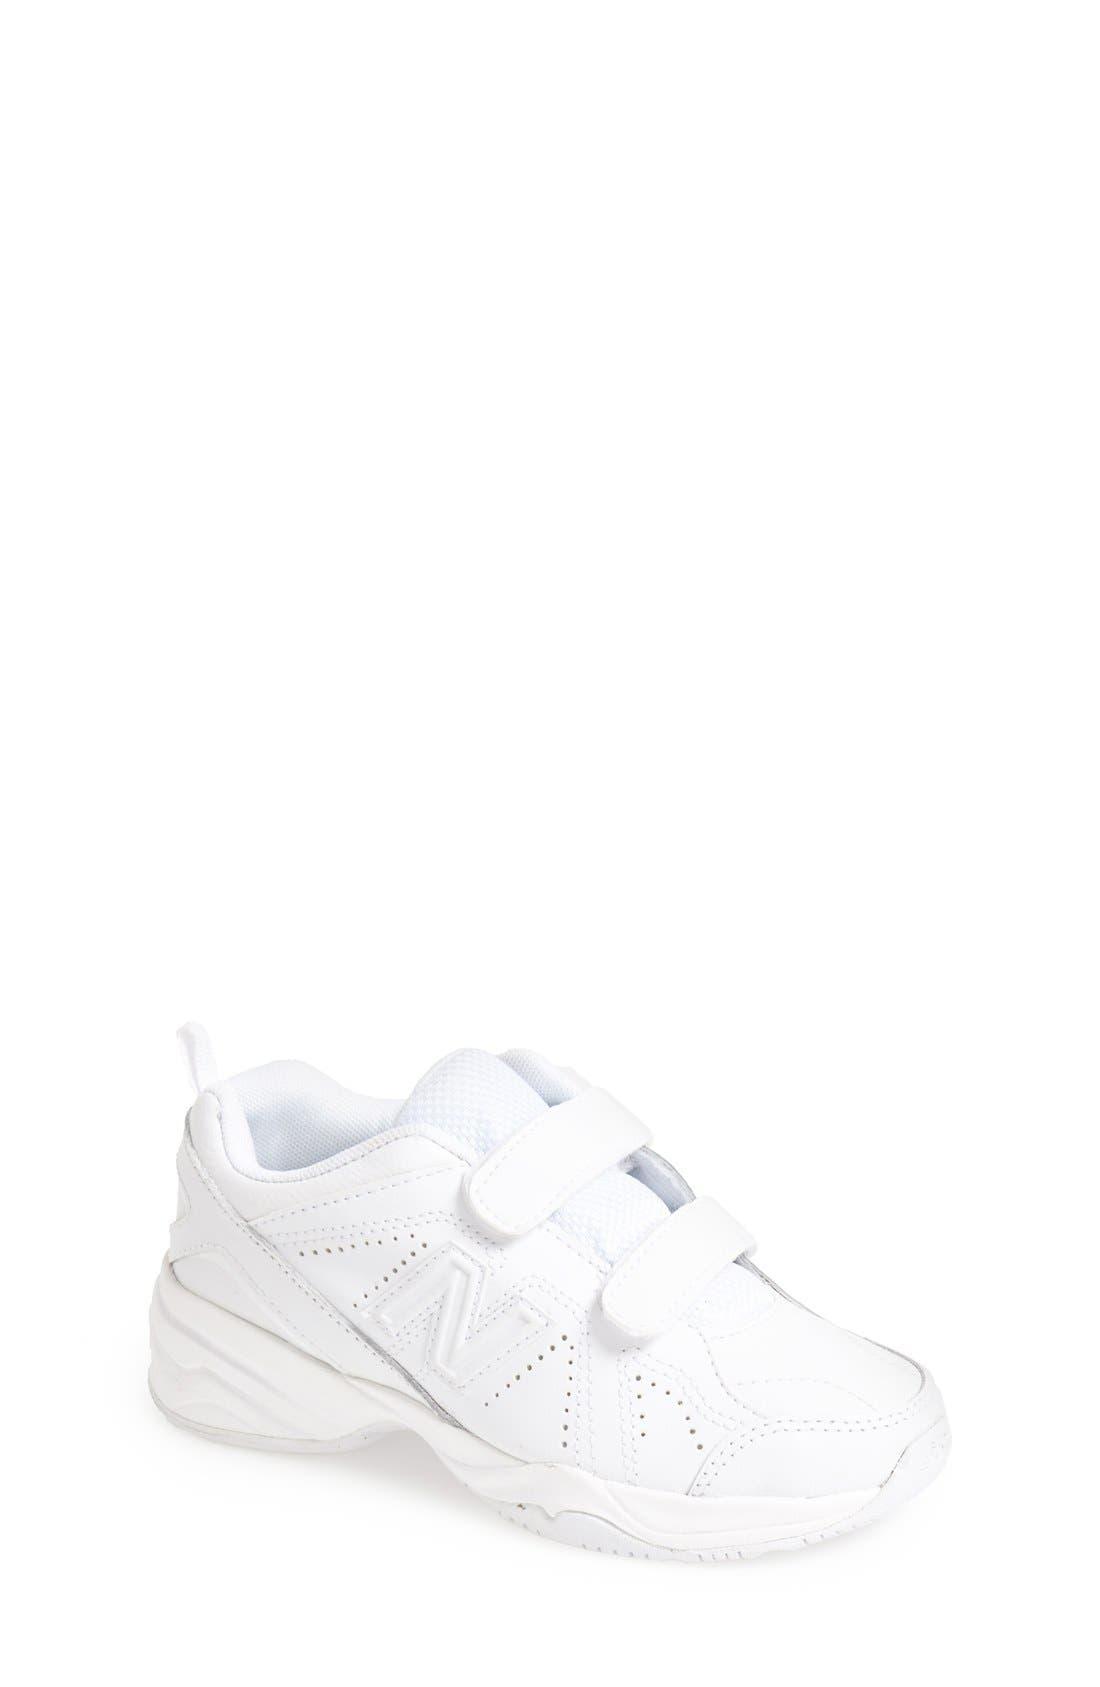 New Balance 'Takedown 624v2' Sneaker (Toddler, Little Kid & Big Kid)